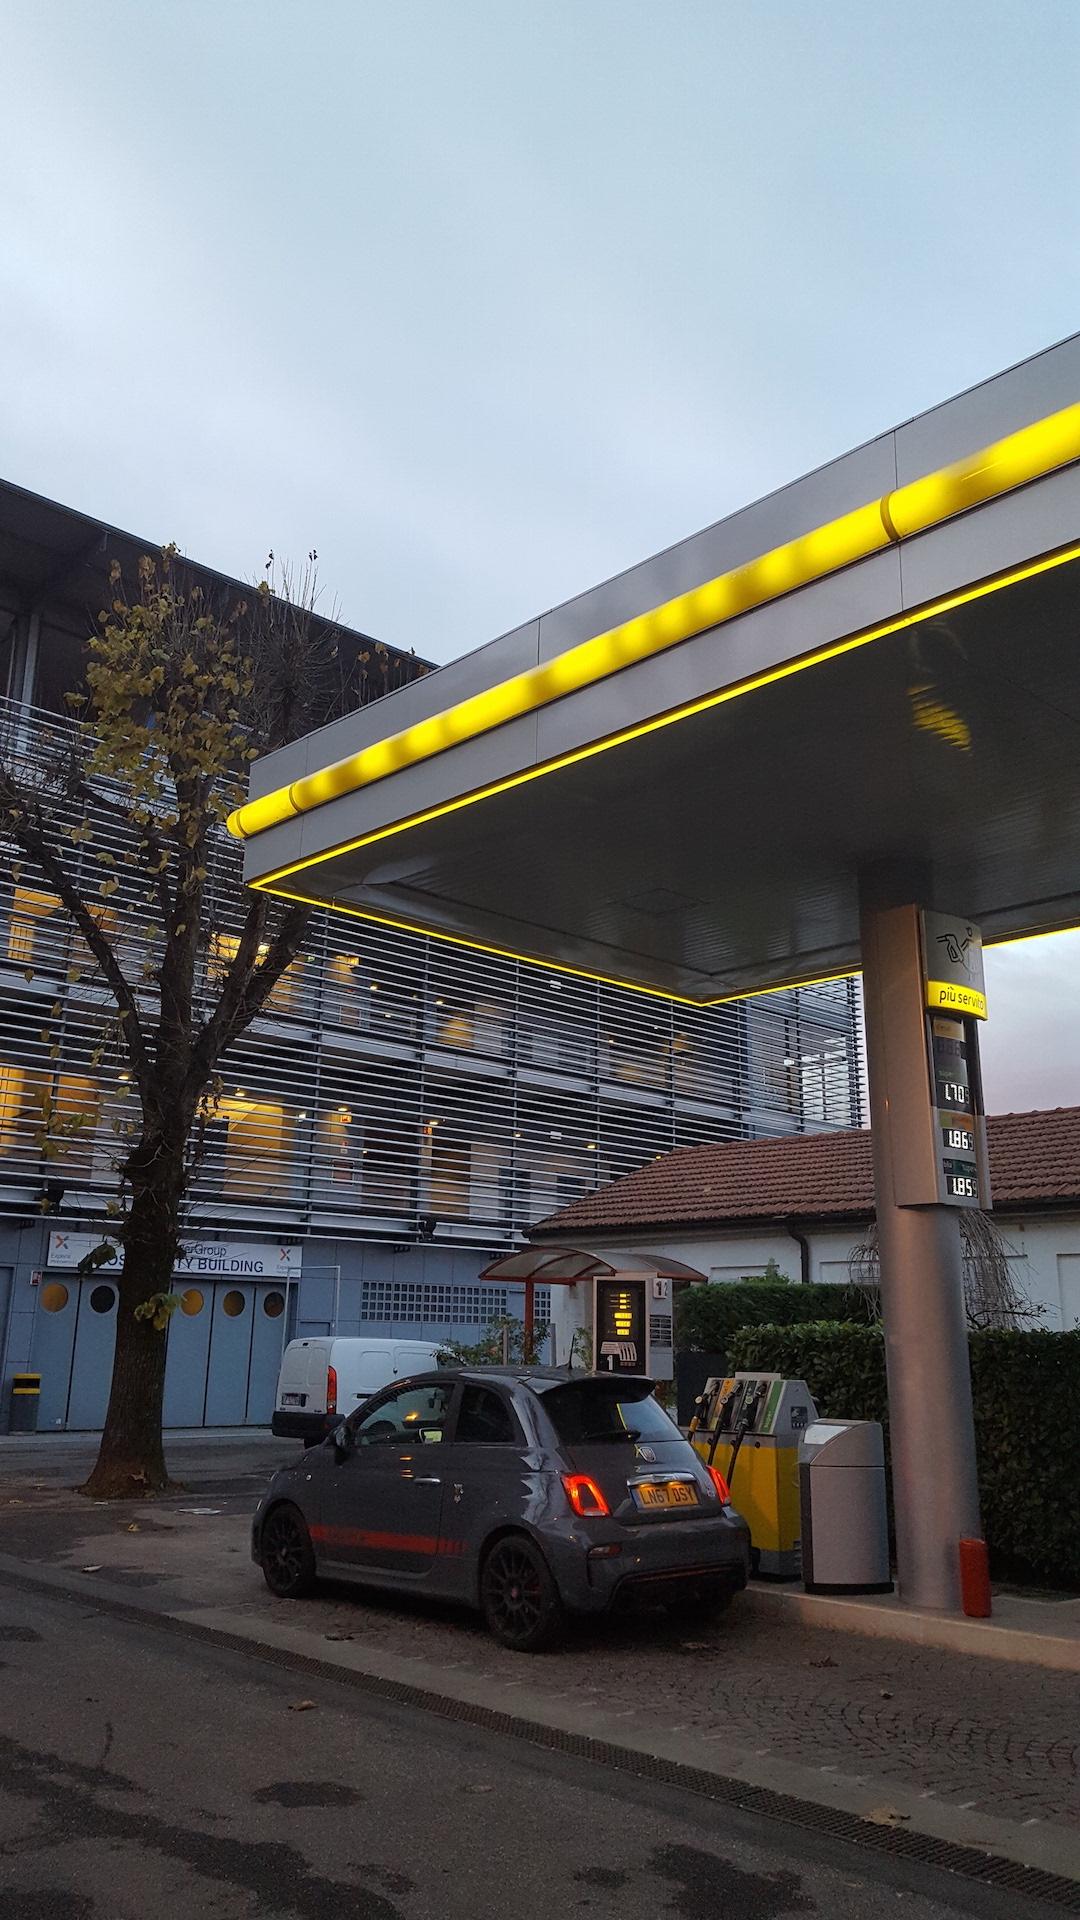 Monza fuel